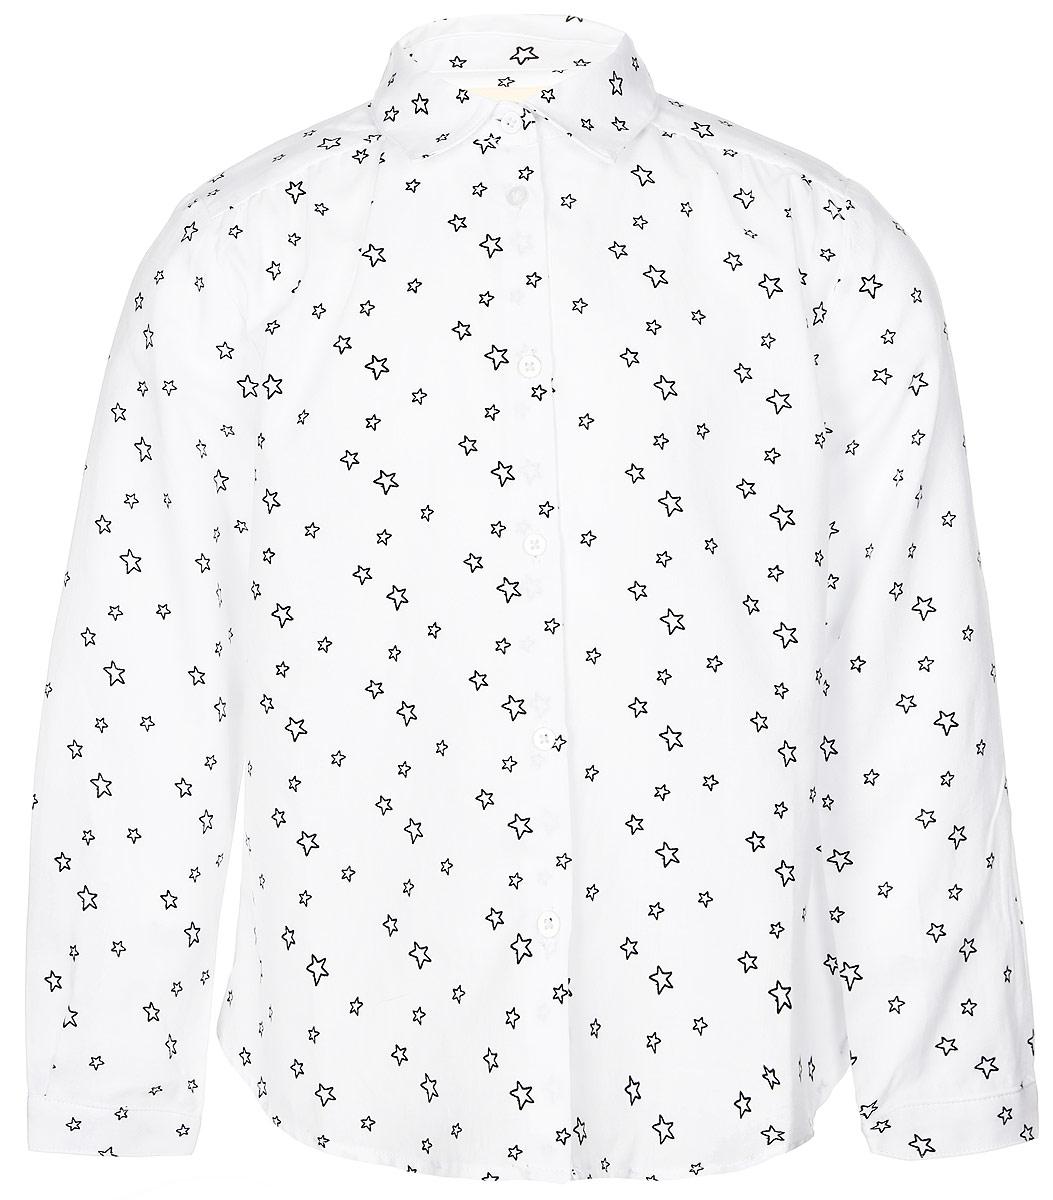 Рубашка для девочки Button Blue, цвет: белый, черный. 216BBGC22010201. Размер 98, 3 года216BBGC22010201Стильная рубашка Button Blue выполнена из натурального 100% хлопка. Модель свободного трапециевидного кроя с длинными рукавами и отложным воротником застегивается на пуговицы по всей длине и оформлена оригинальным звездным принтом. На манжетах предусмотрены застежки-пуговицы. Спинка немного удлинена.